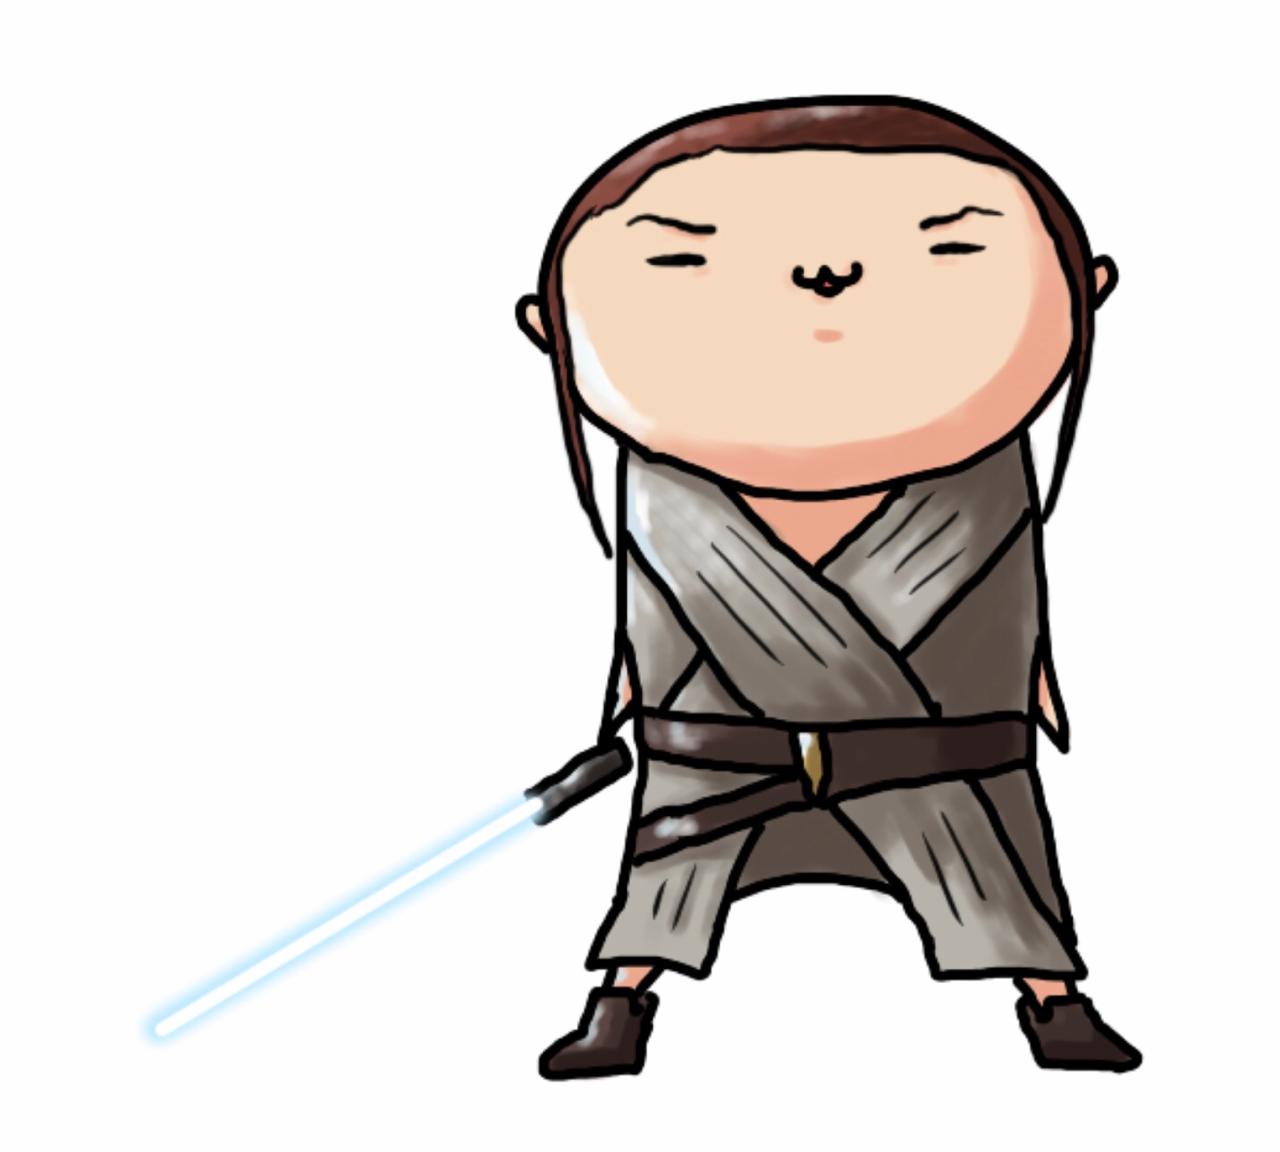 スター ウォーズ エピソード9 The Rise Of Skywalker 解禁 ふじ ラクガキ人 Note